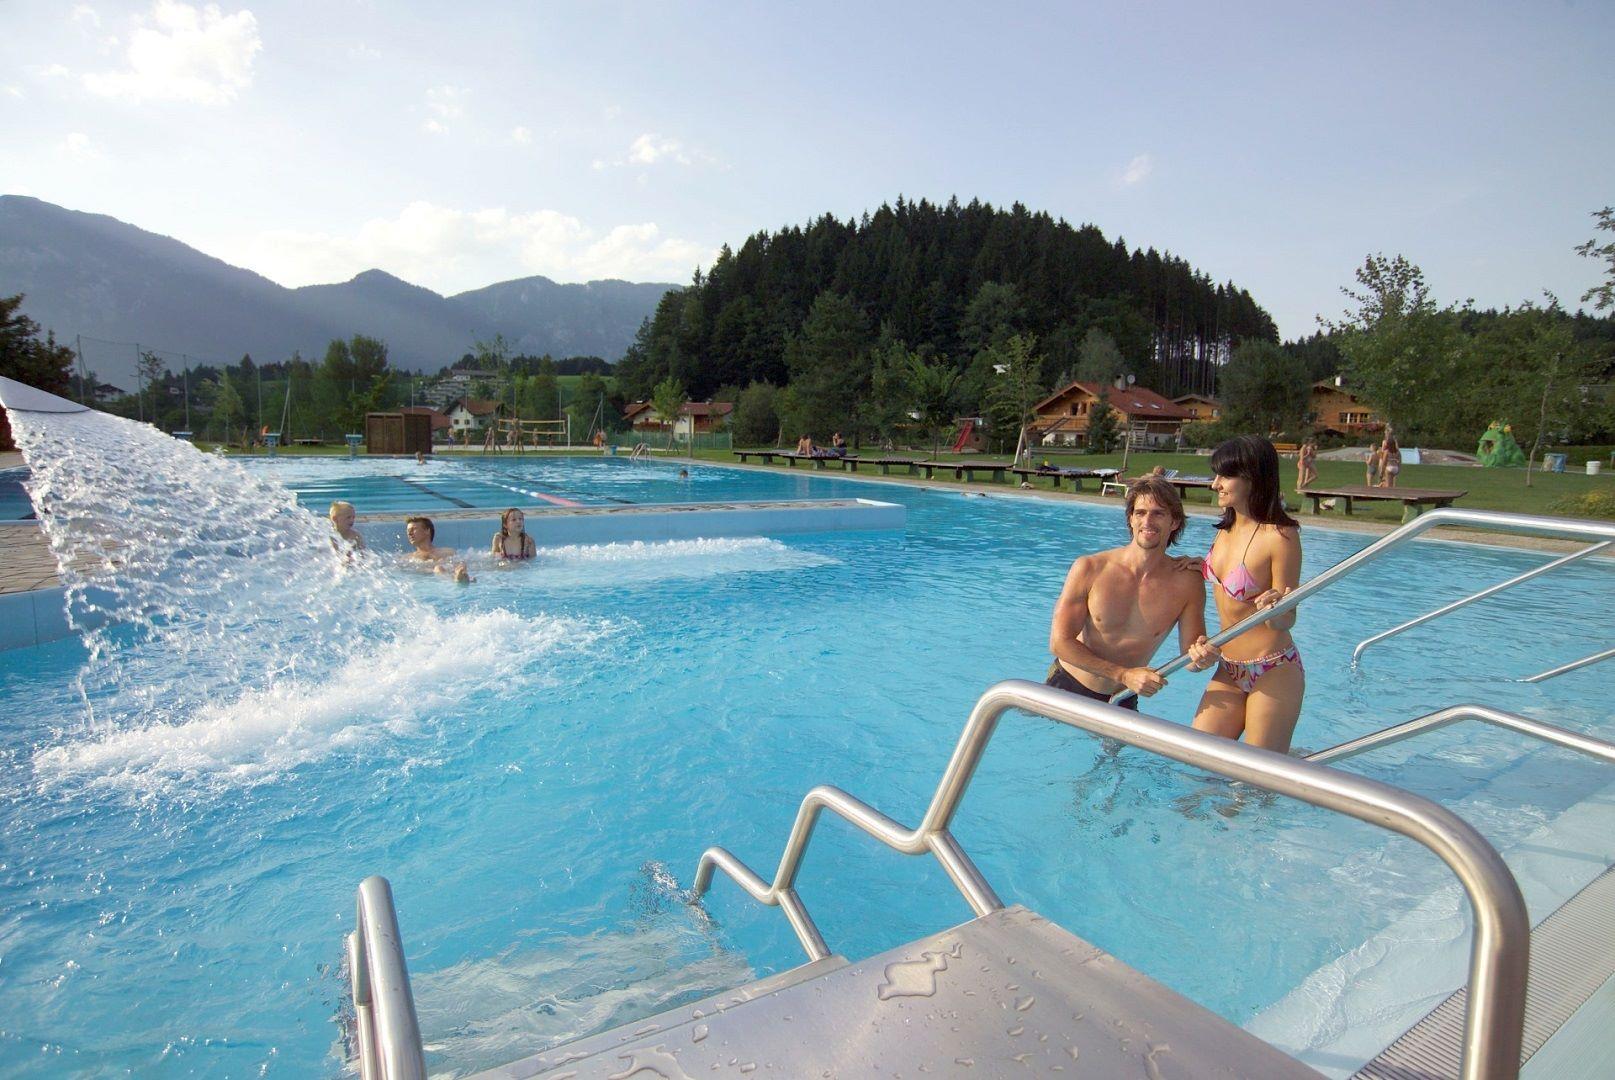 Besten sexdating seiten baden-wrttemberg - Pottendorf